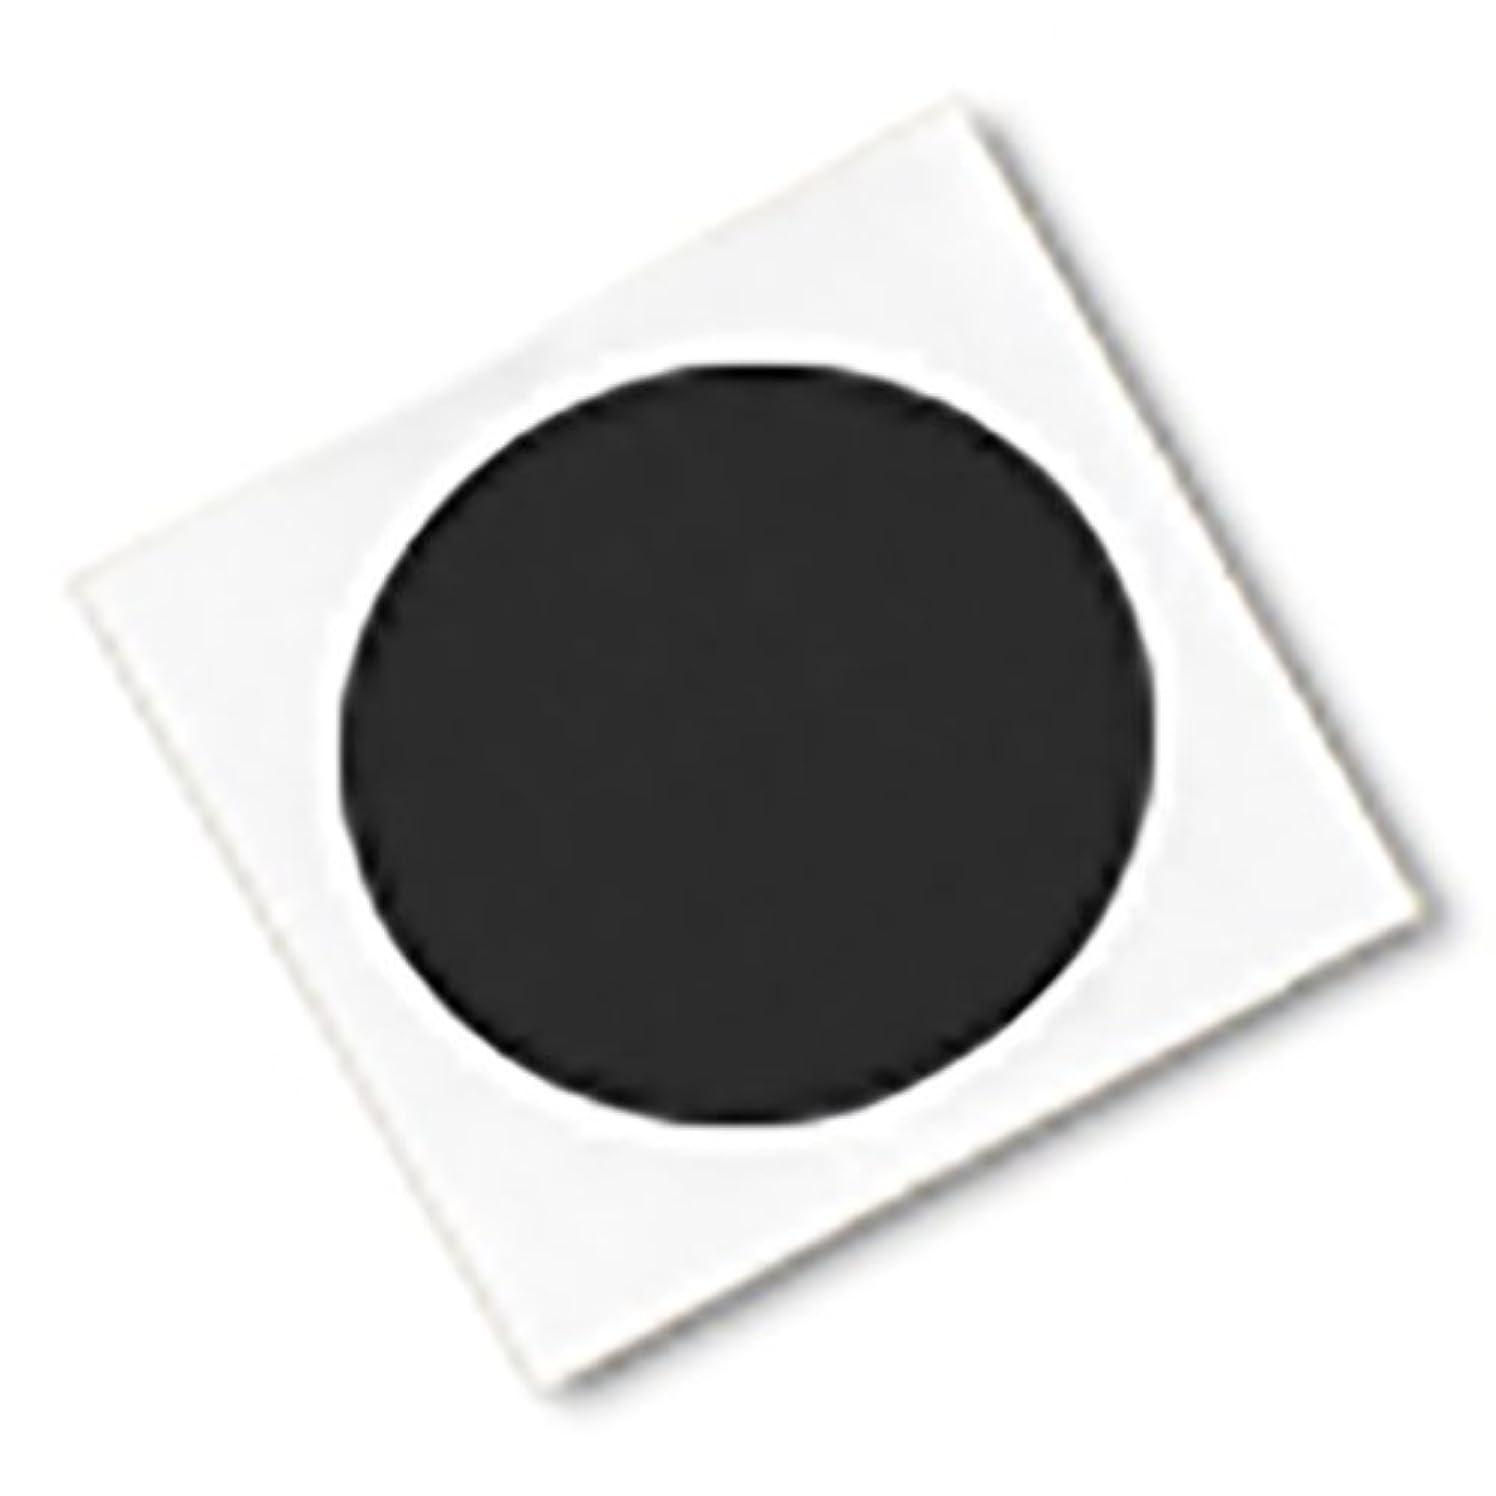 3M 616 CIRCLE-0.625